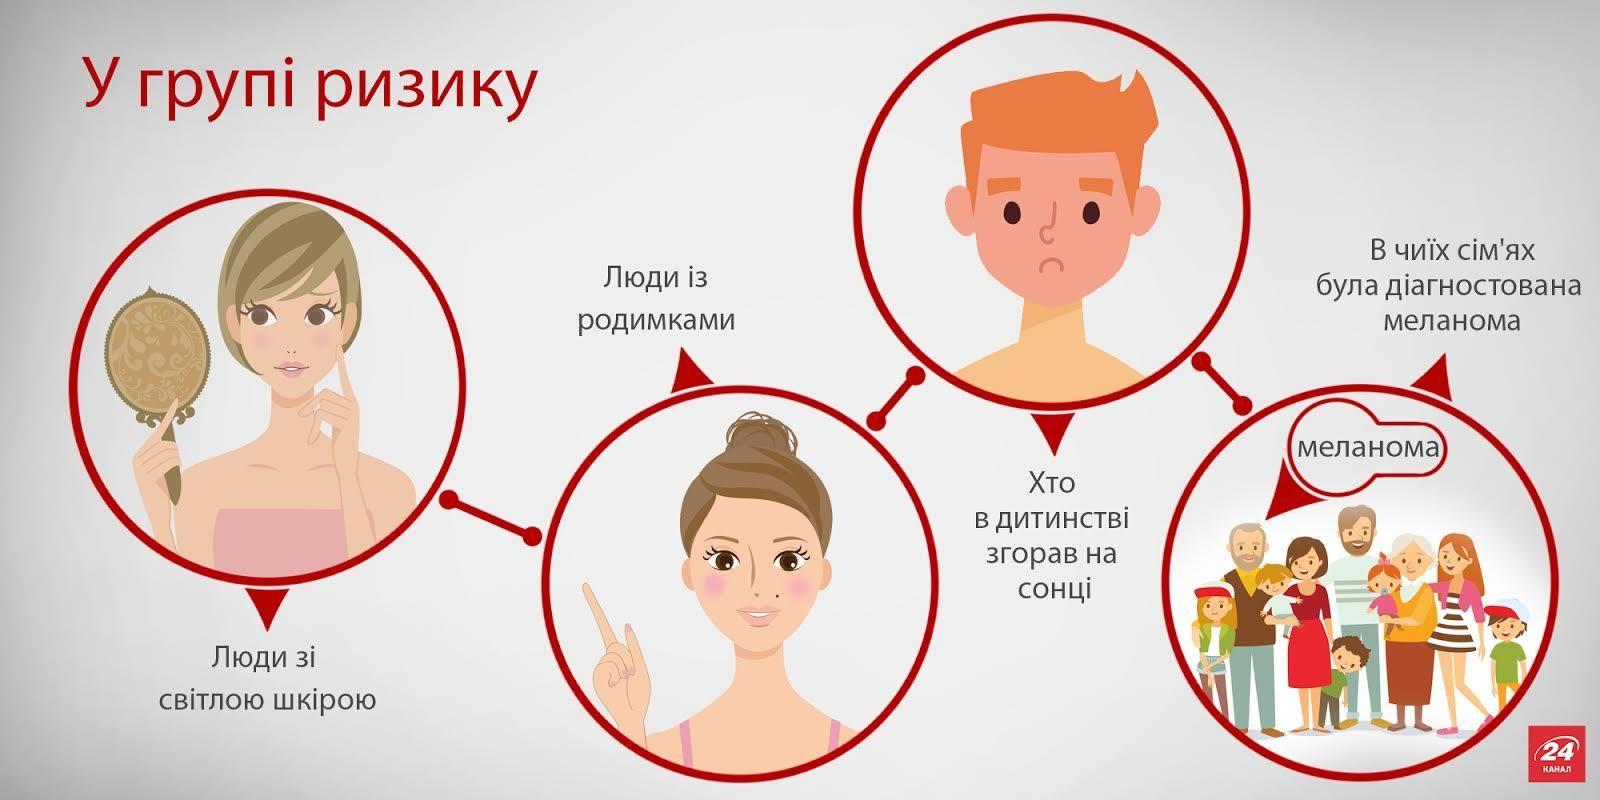 Как защитить свою кожу от солнца: советы дерматолога